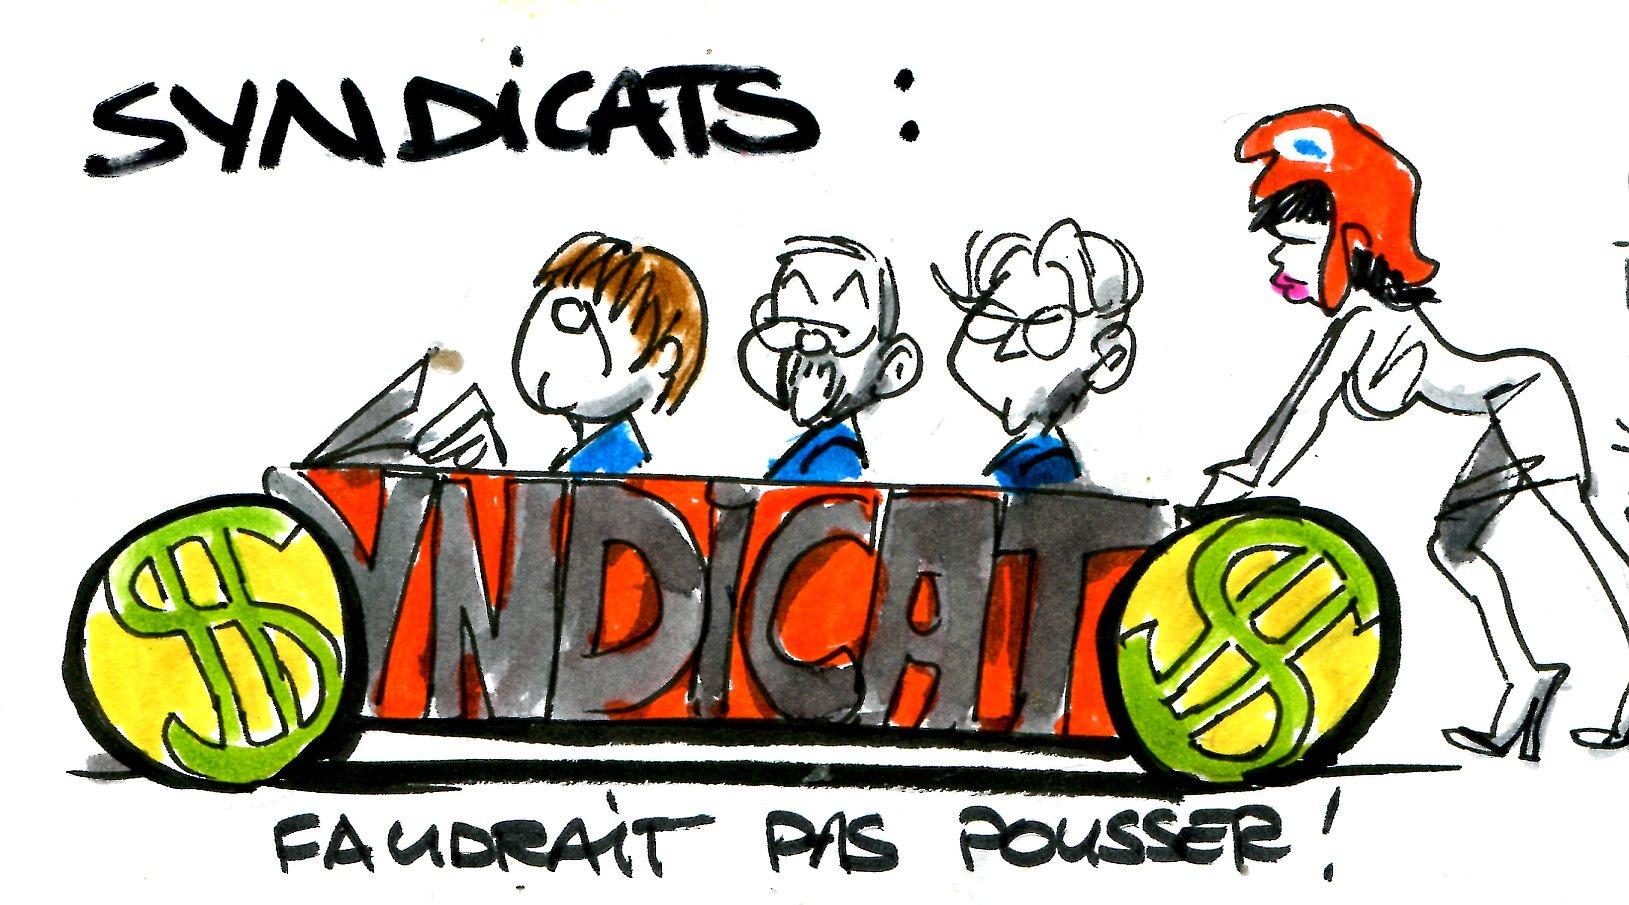 Les syndicats font rayonner la France sans réinventer la roue